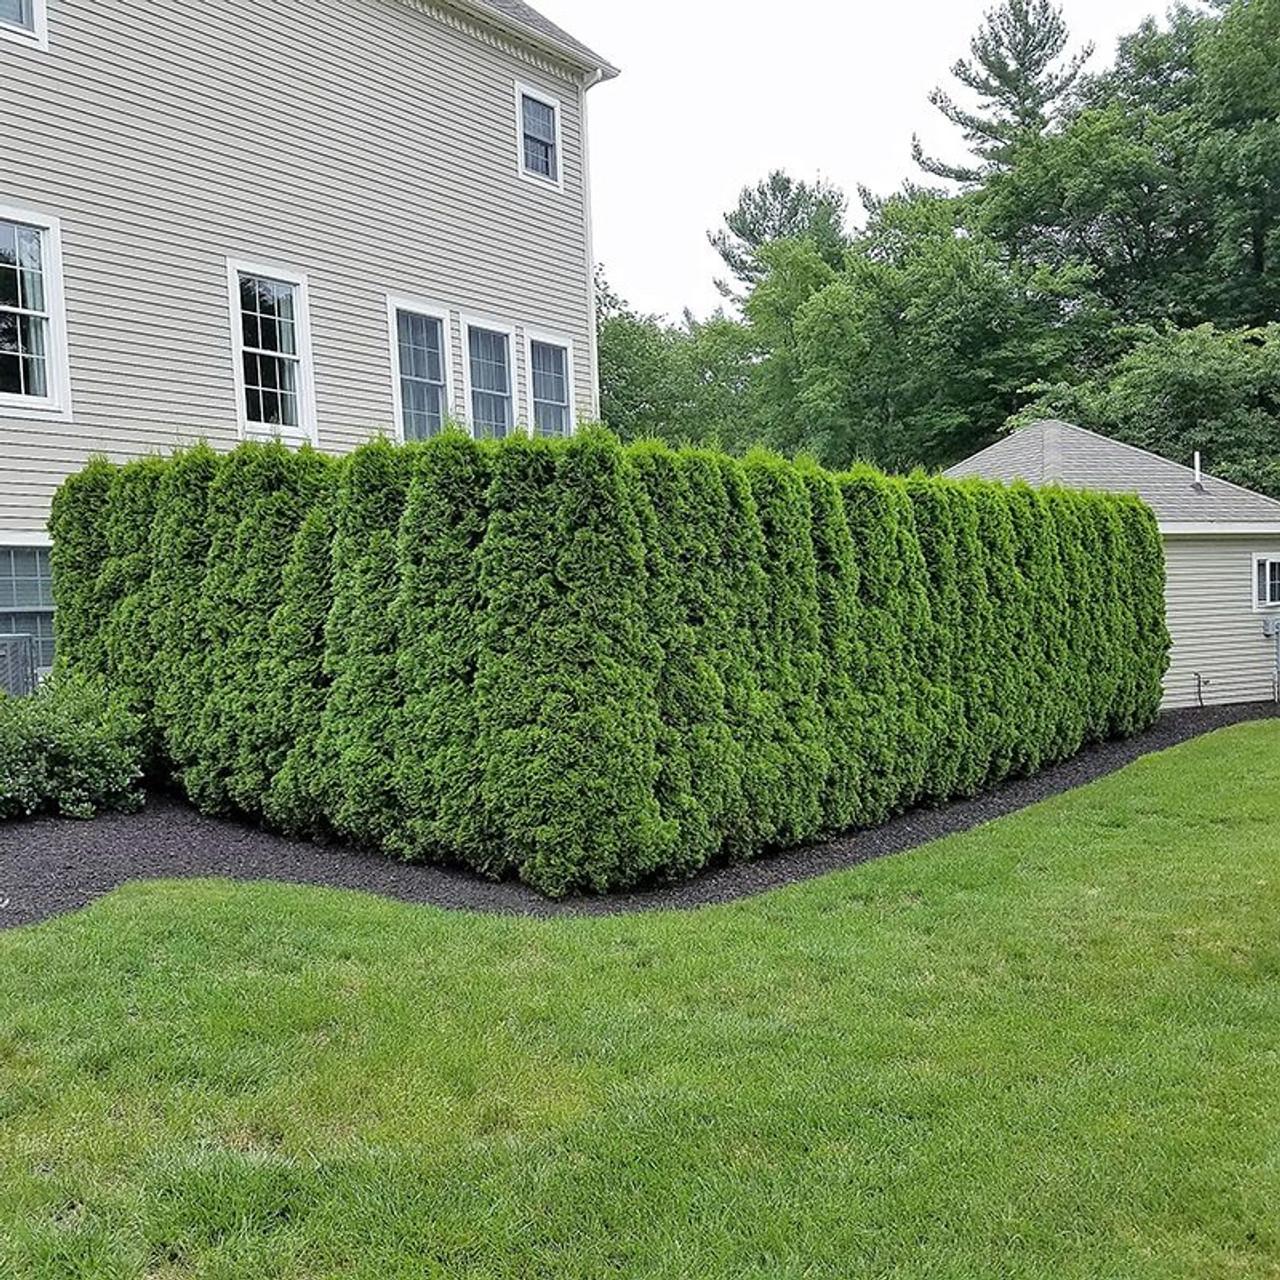 Arbor vitae hedge